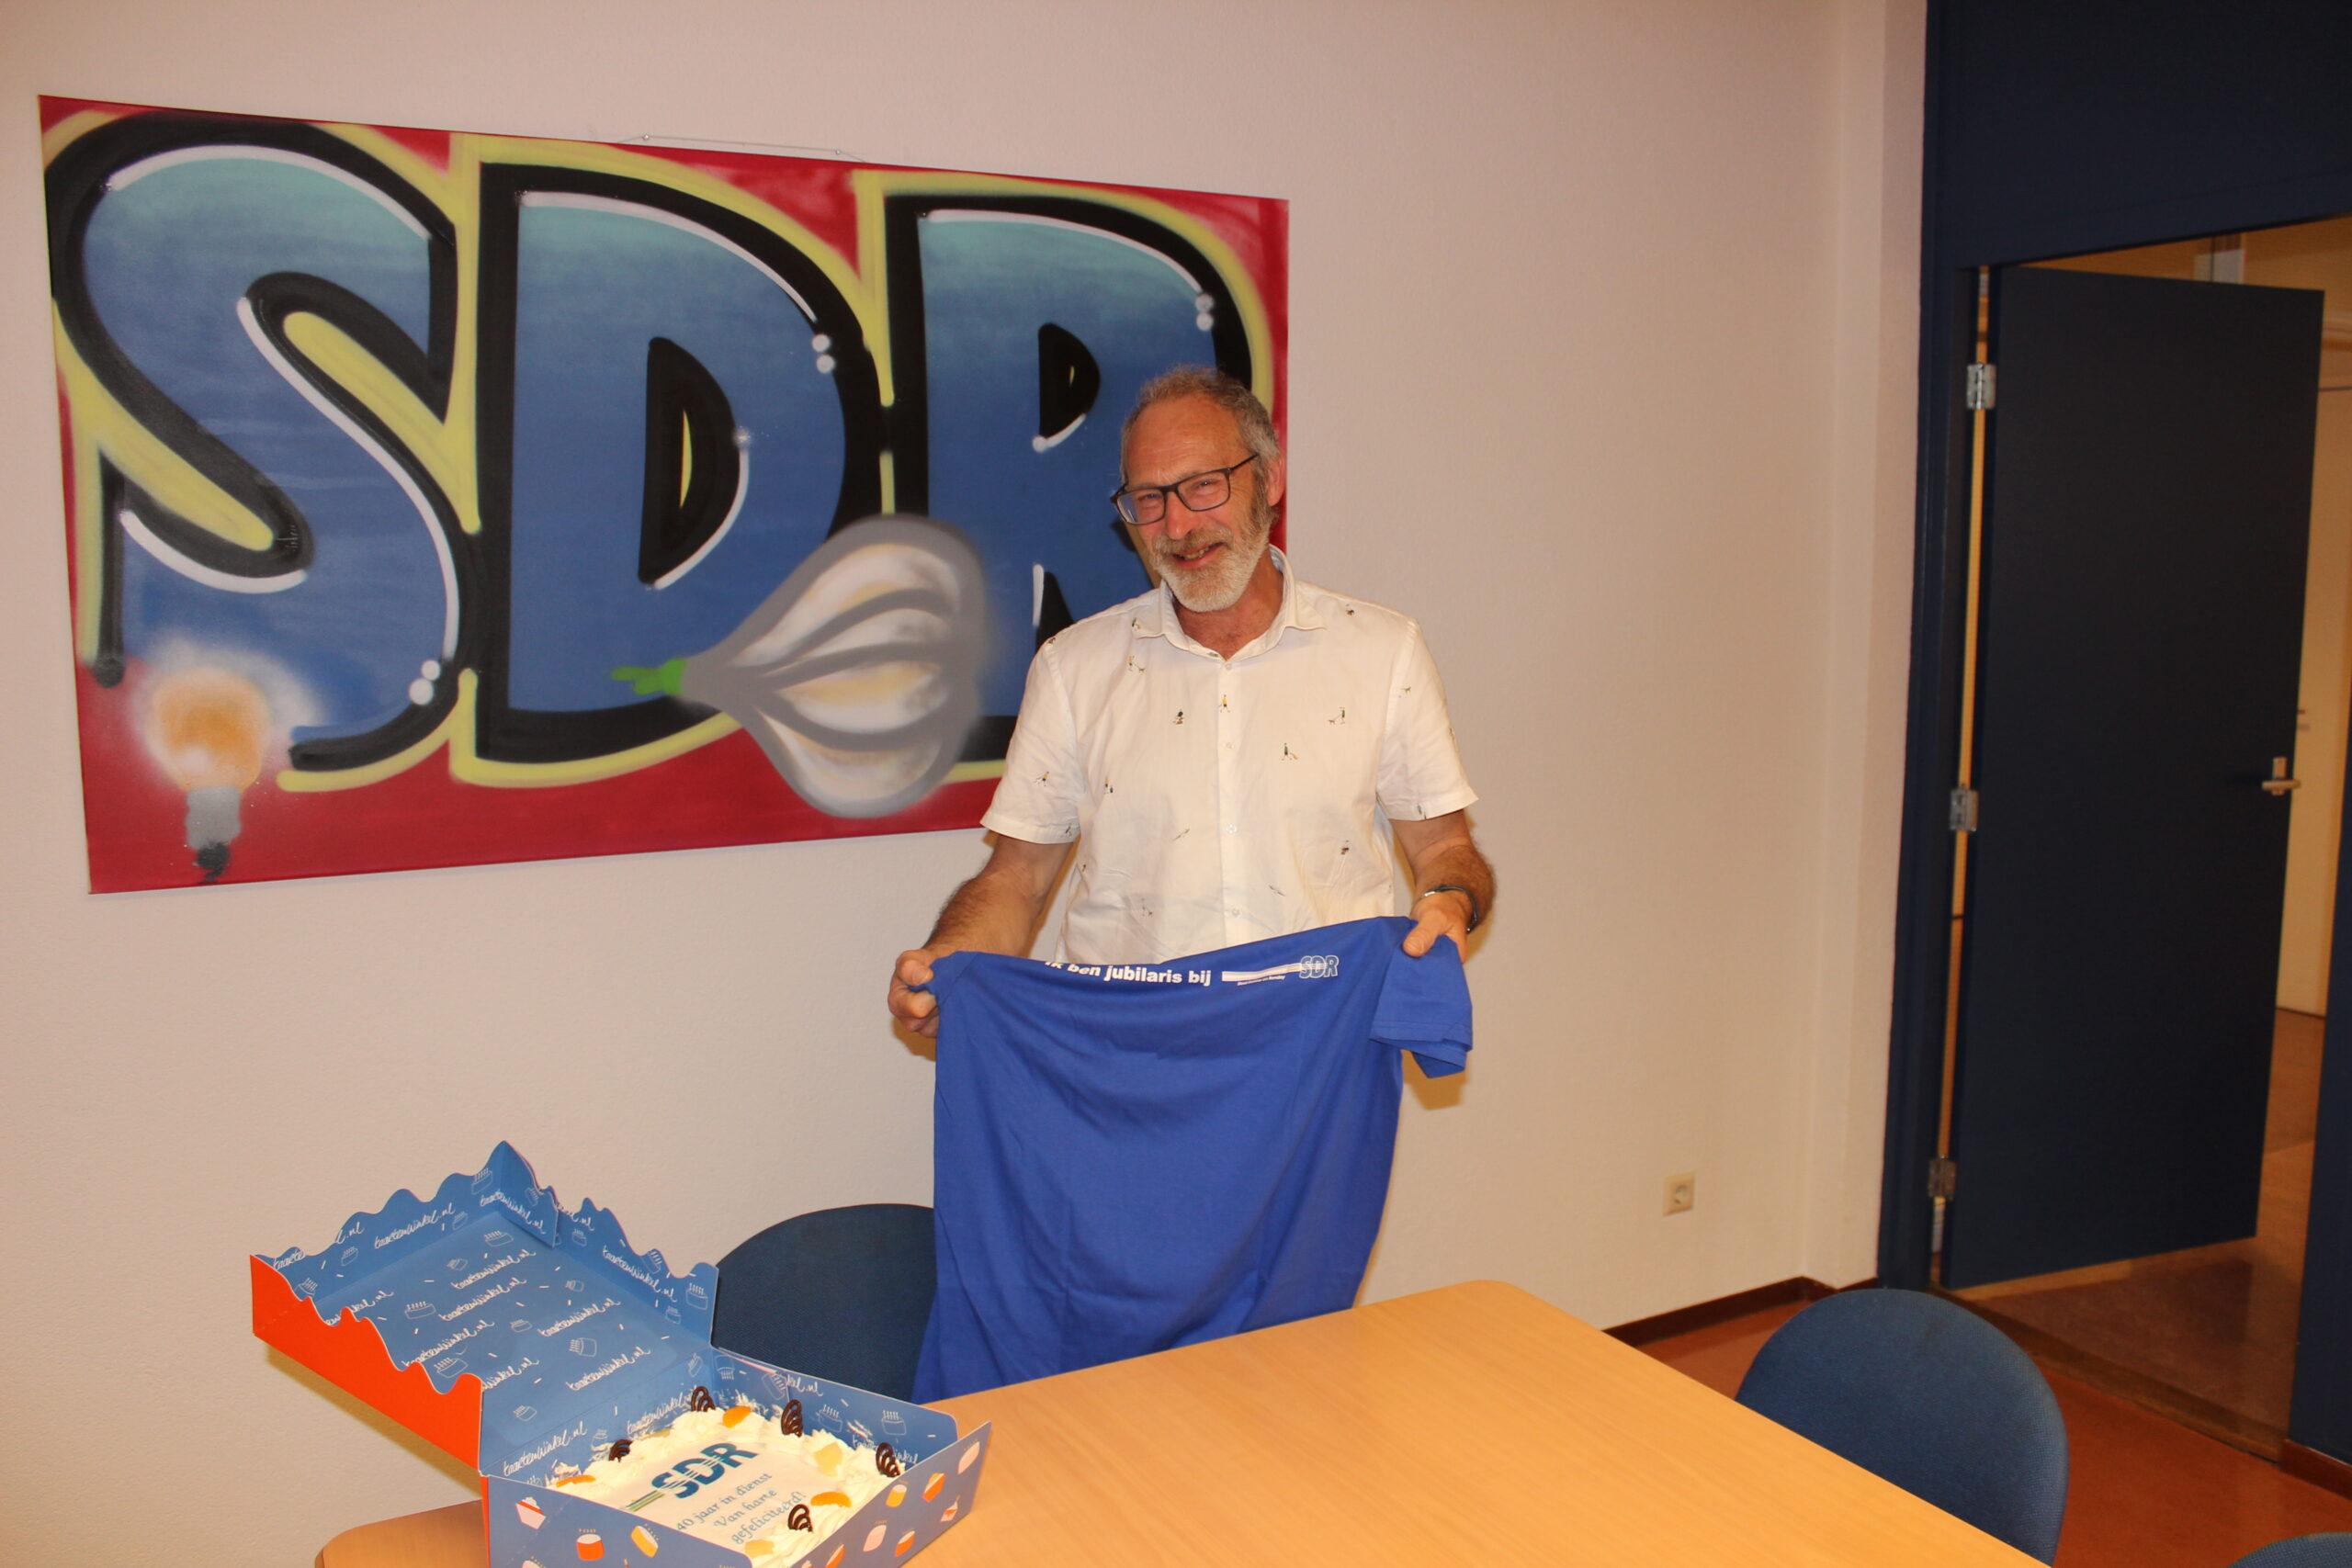 Jos Koenders maar liefst 40 jaar bij SDR!